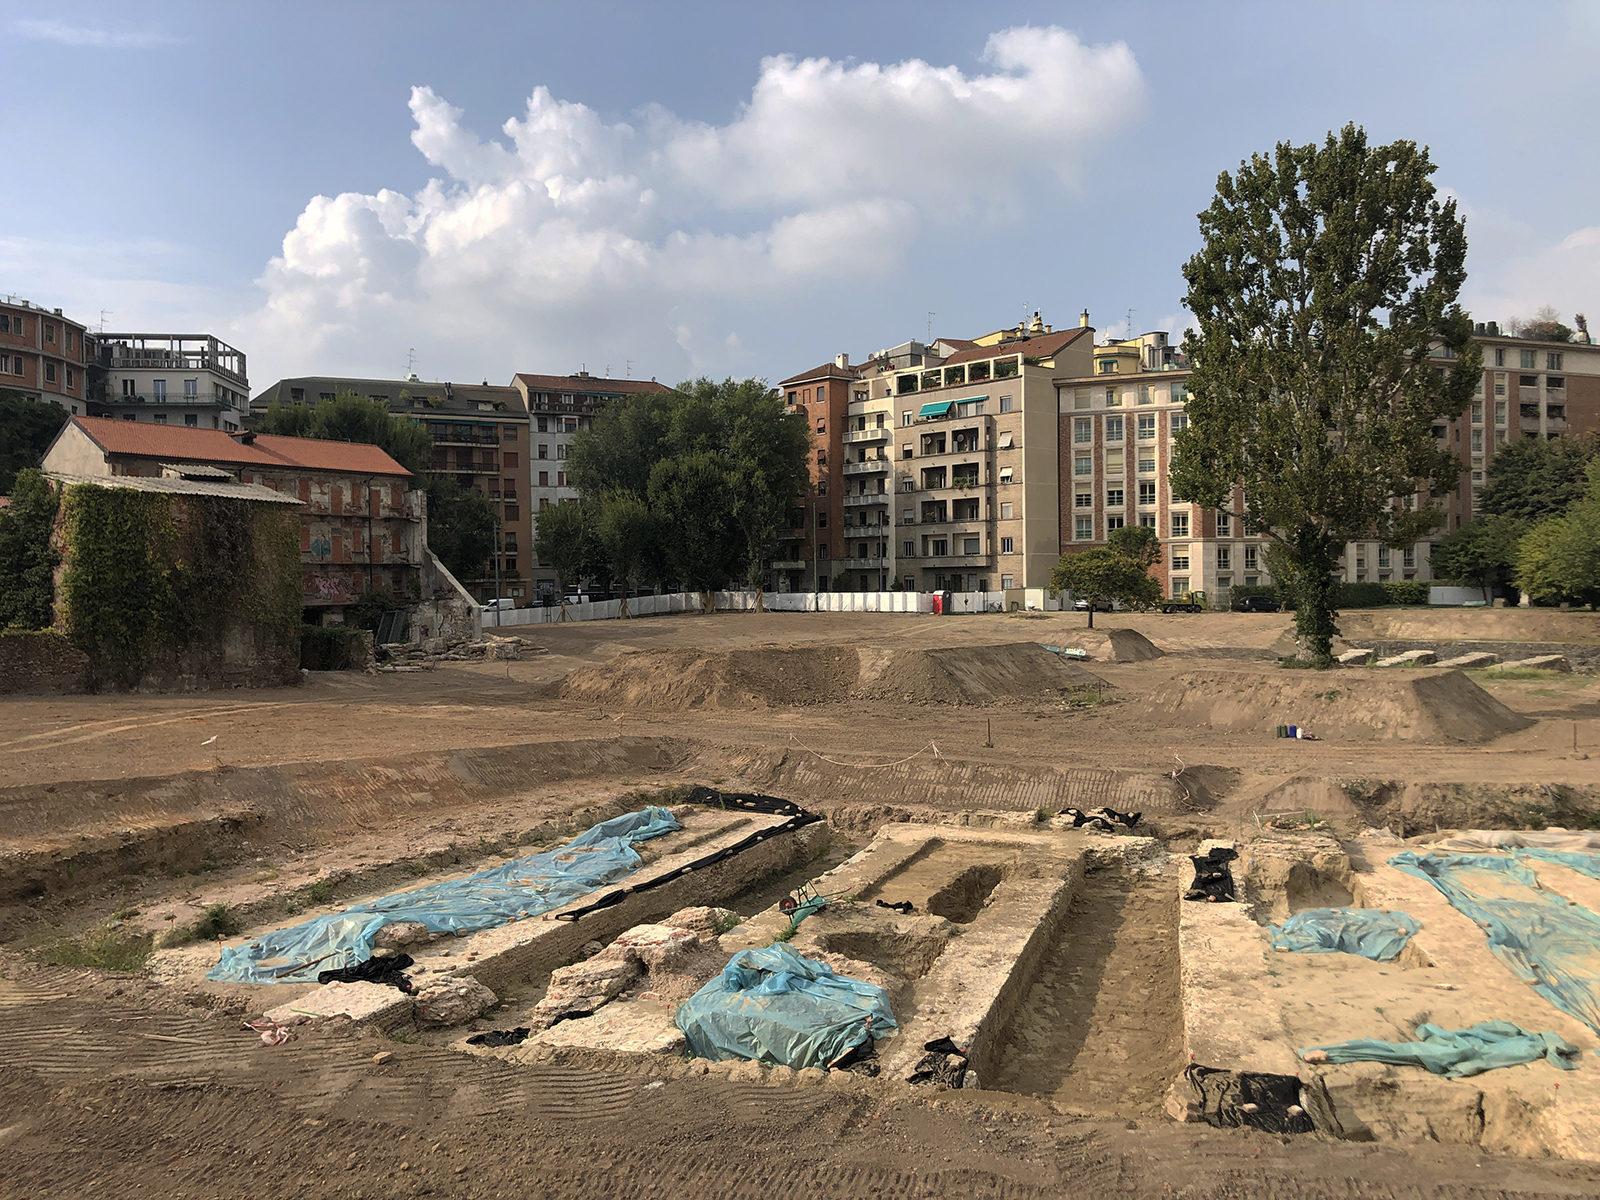 L'Anfiteatro di Milano – Video (agg. 08.2021) e Cartella stampa